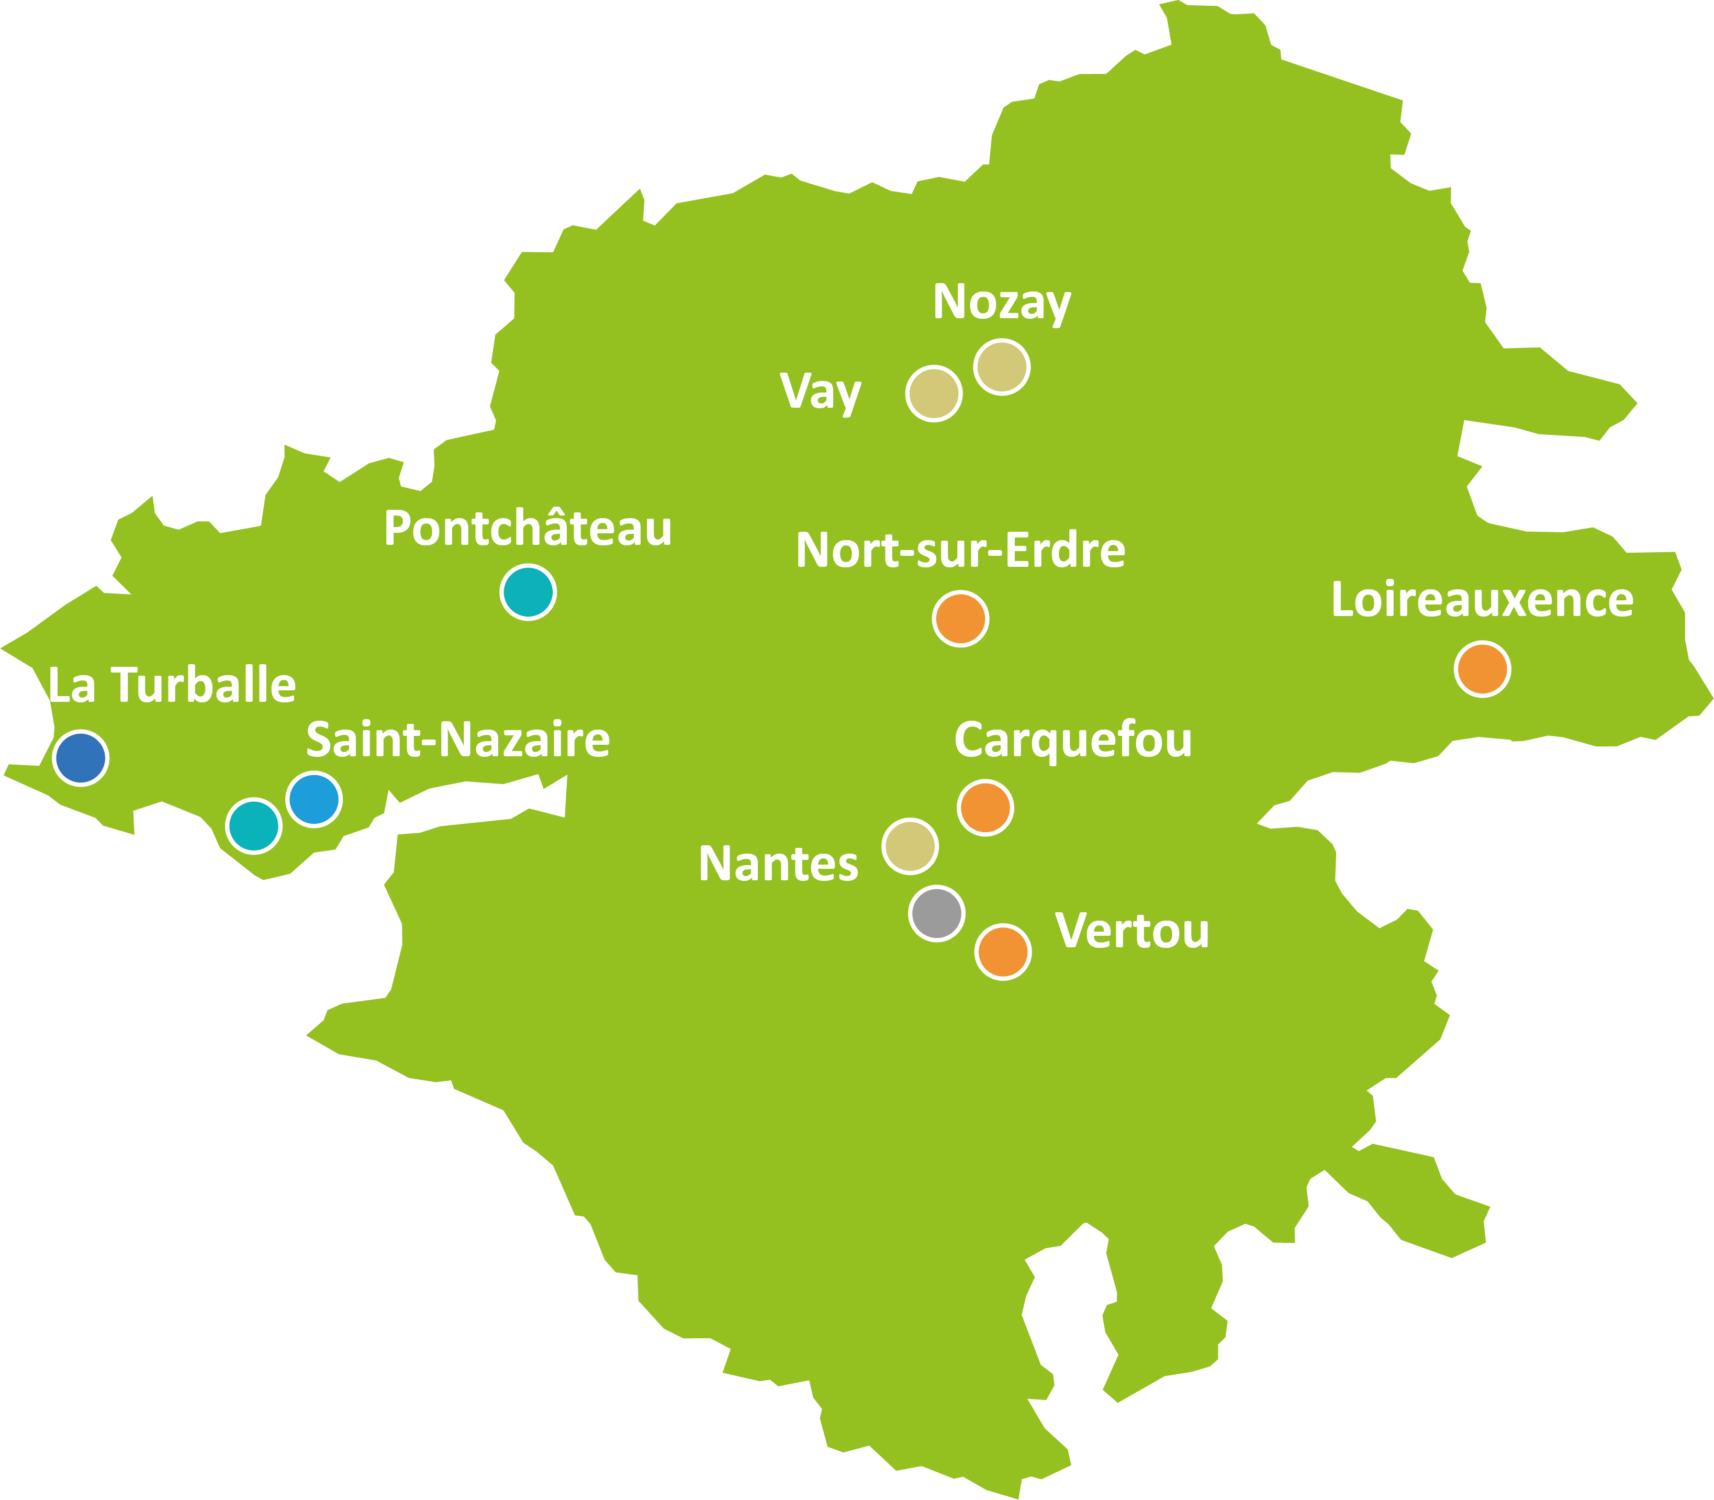 Présence des Oeuvres de Pen-Bron en Loire-Atlantique